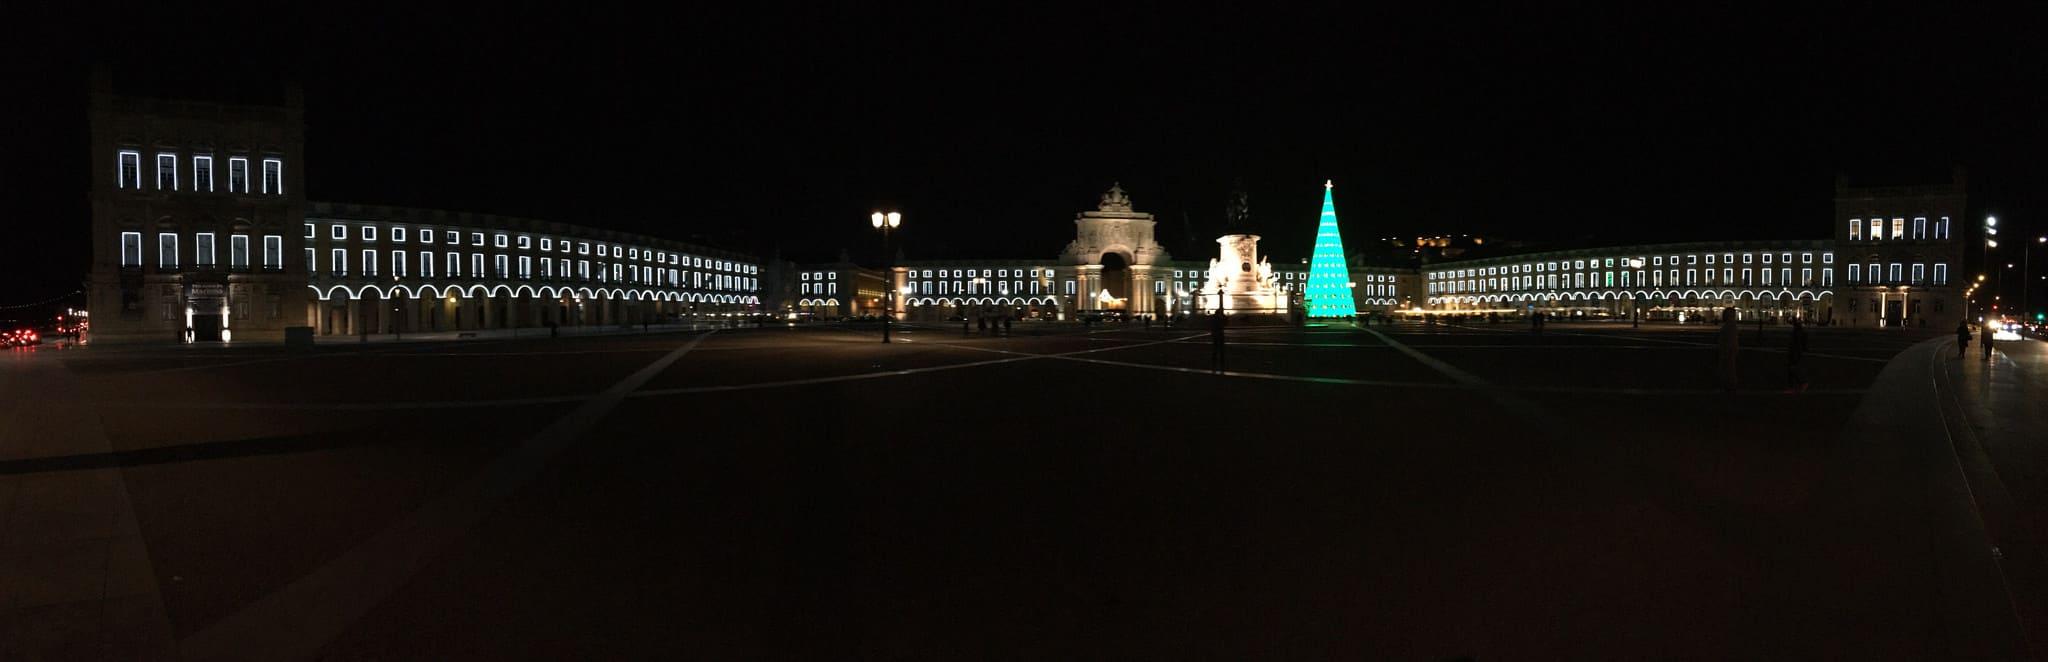 Piazza capodanno lisbona